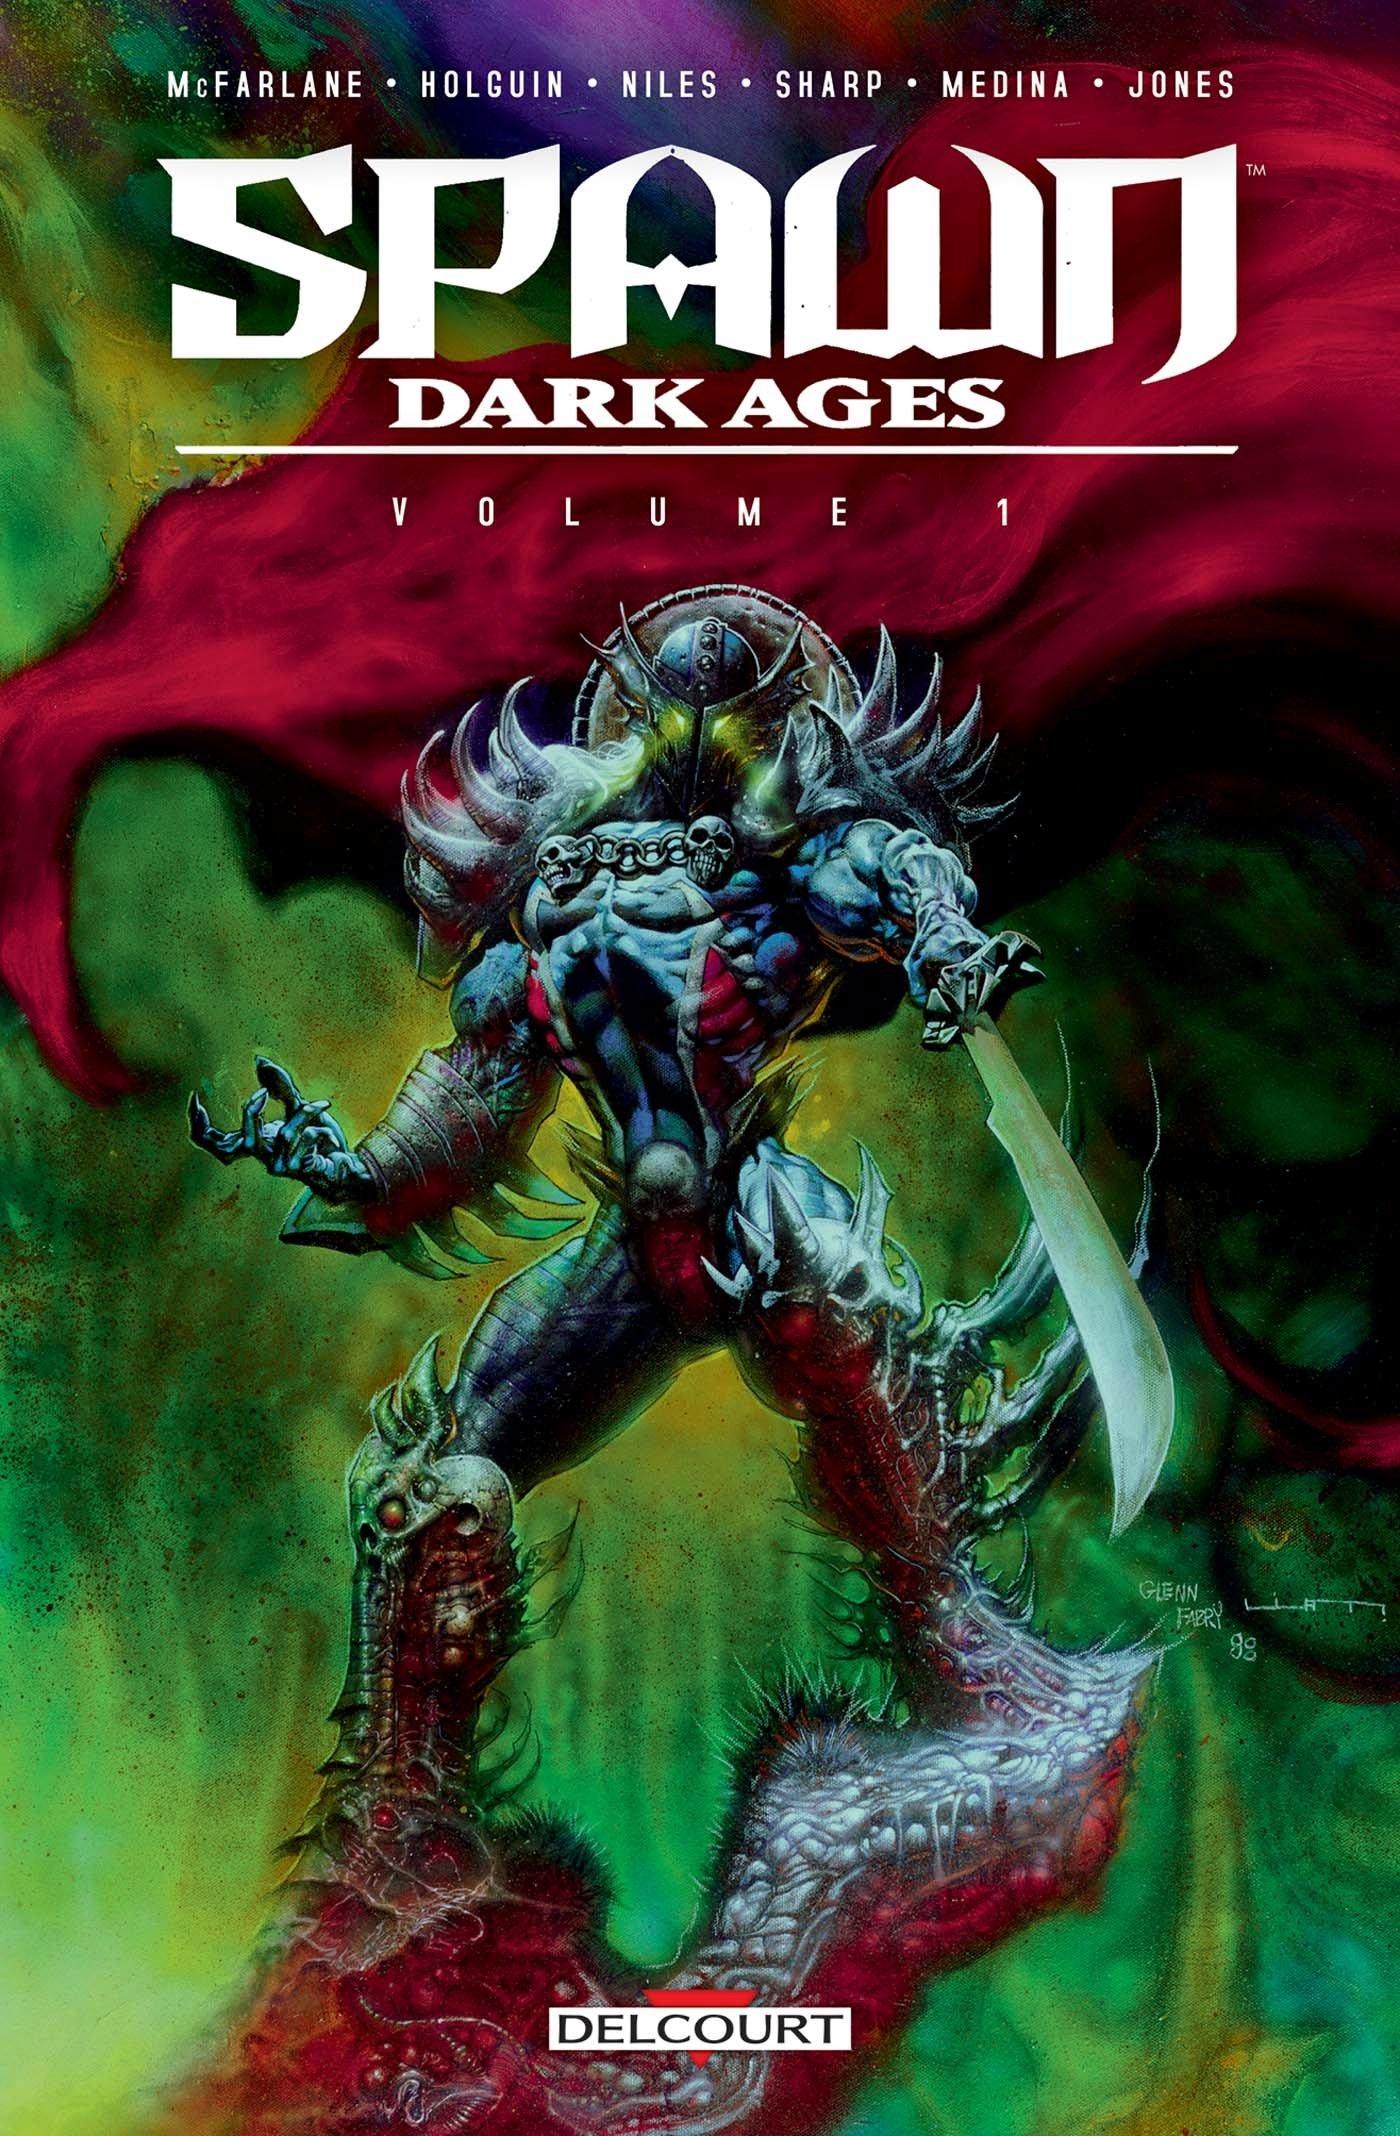 Spawn Dark Ages 1 - Volume 1